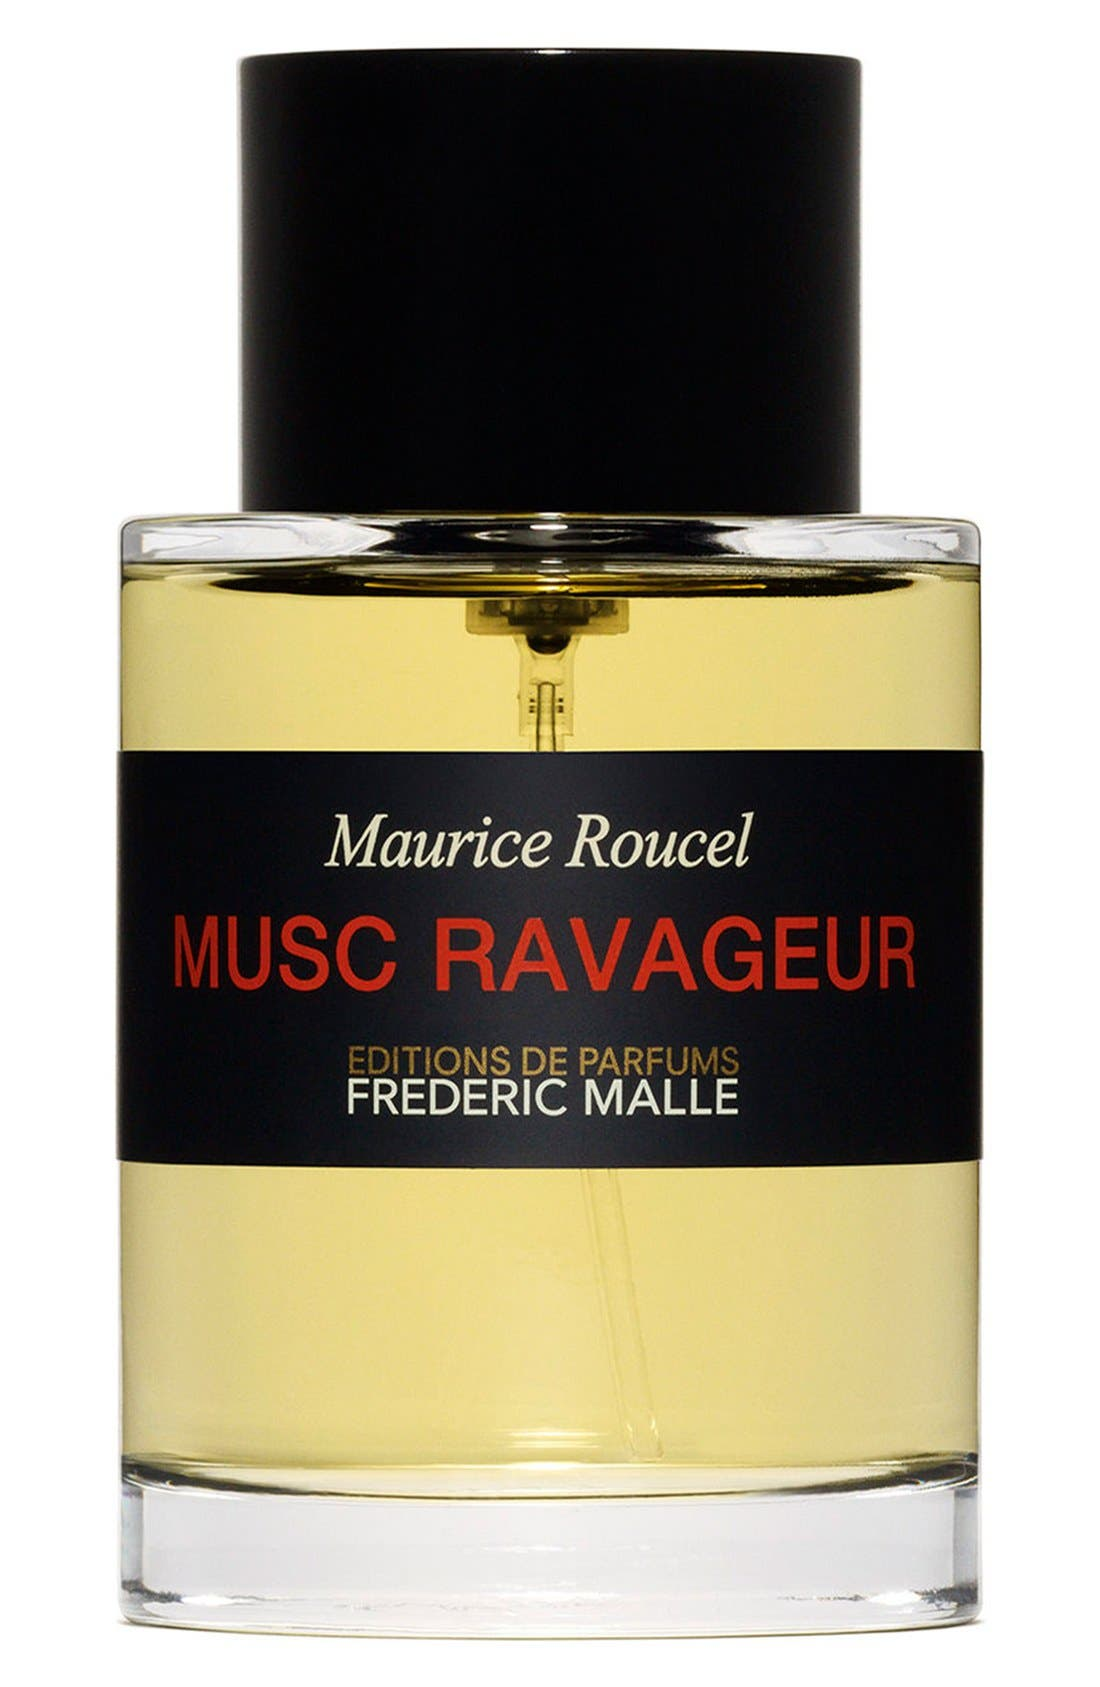 Editions de Parfums Frédéric Malle Musc Ravageur Parfum Spray